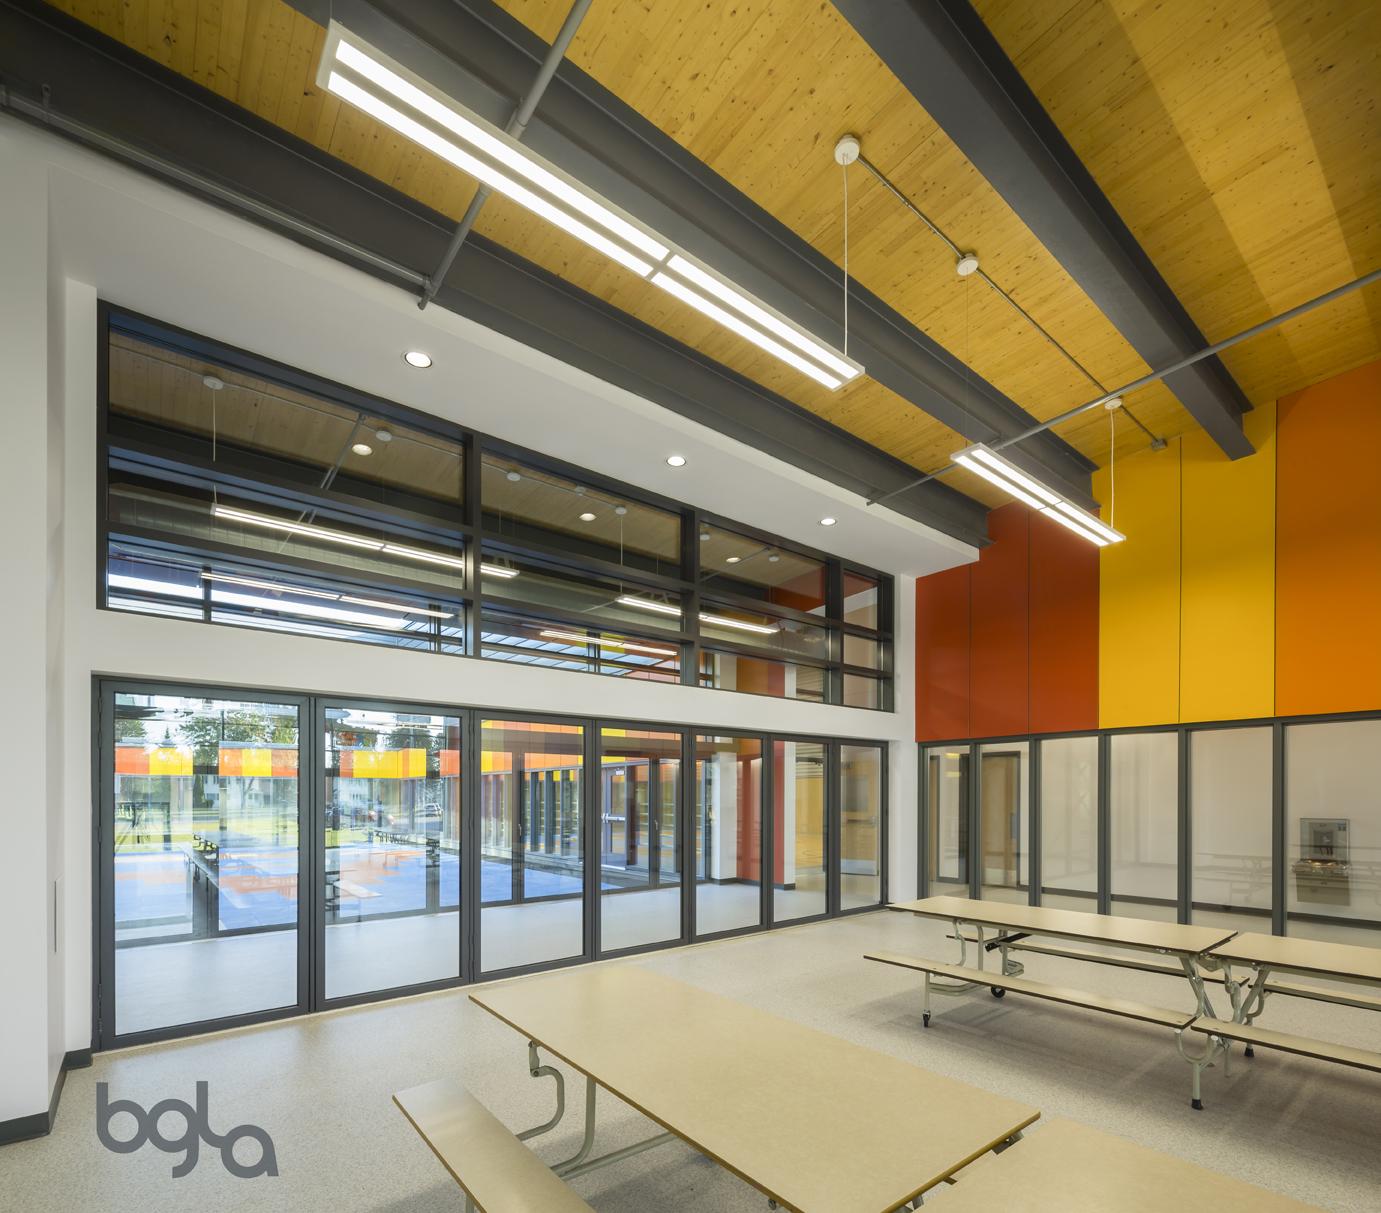 'École primaire et secondaire  Dollard-des-Ormeaux Cecobois